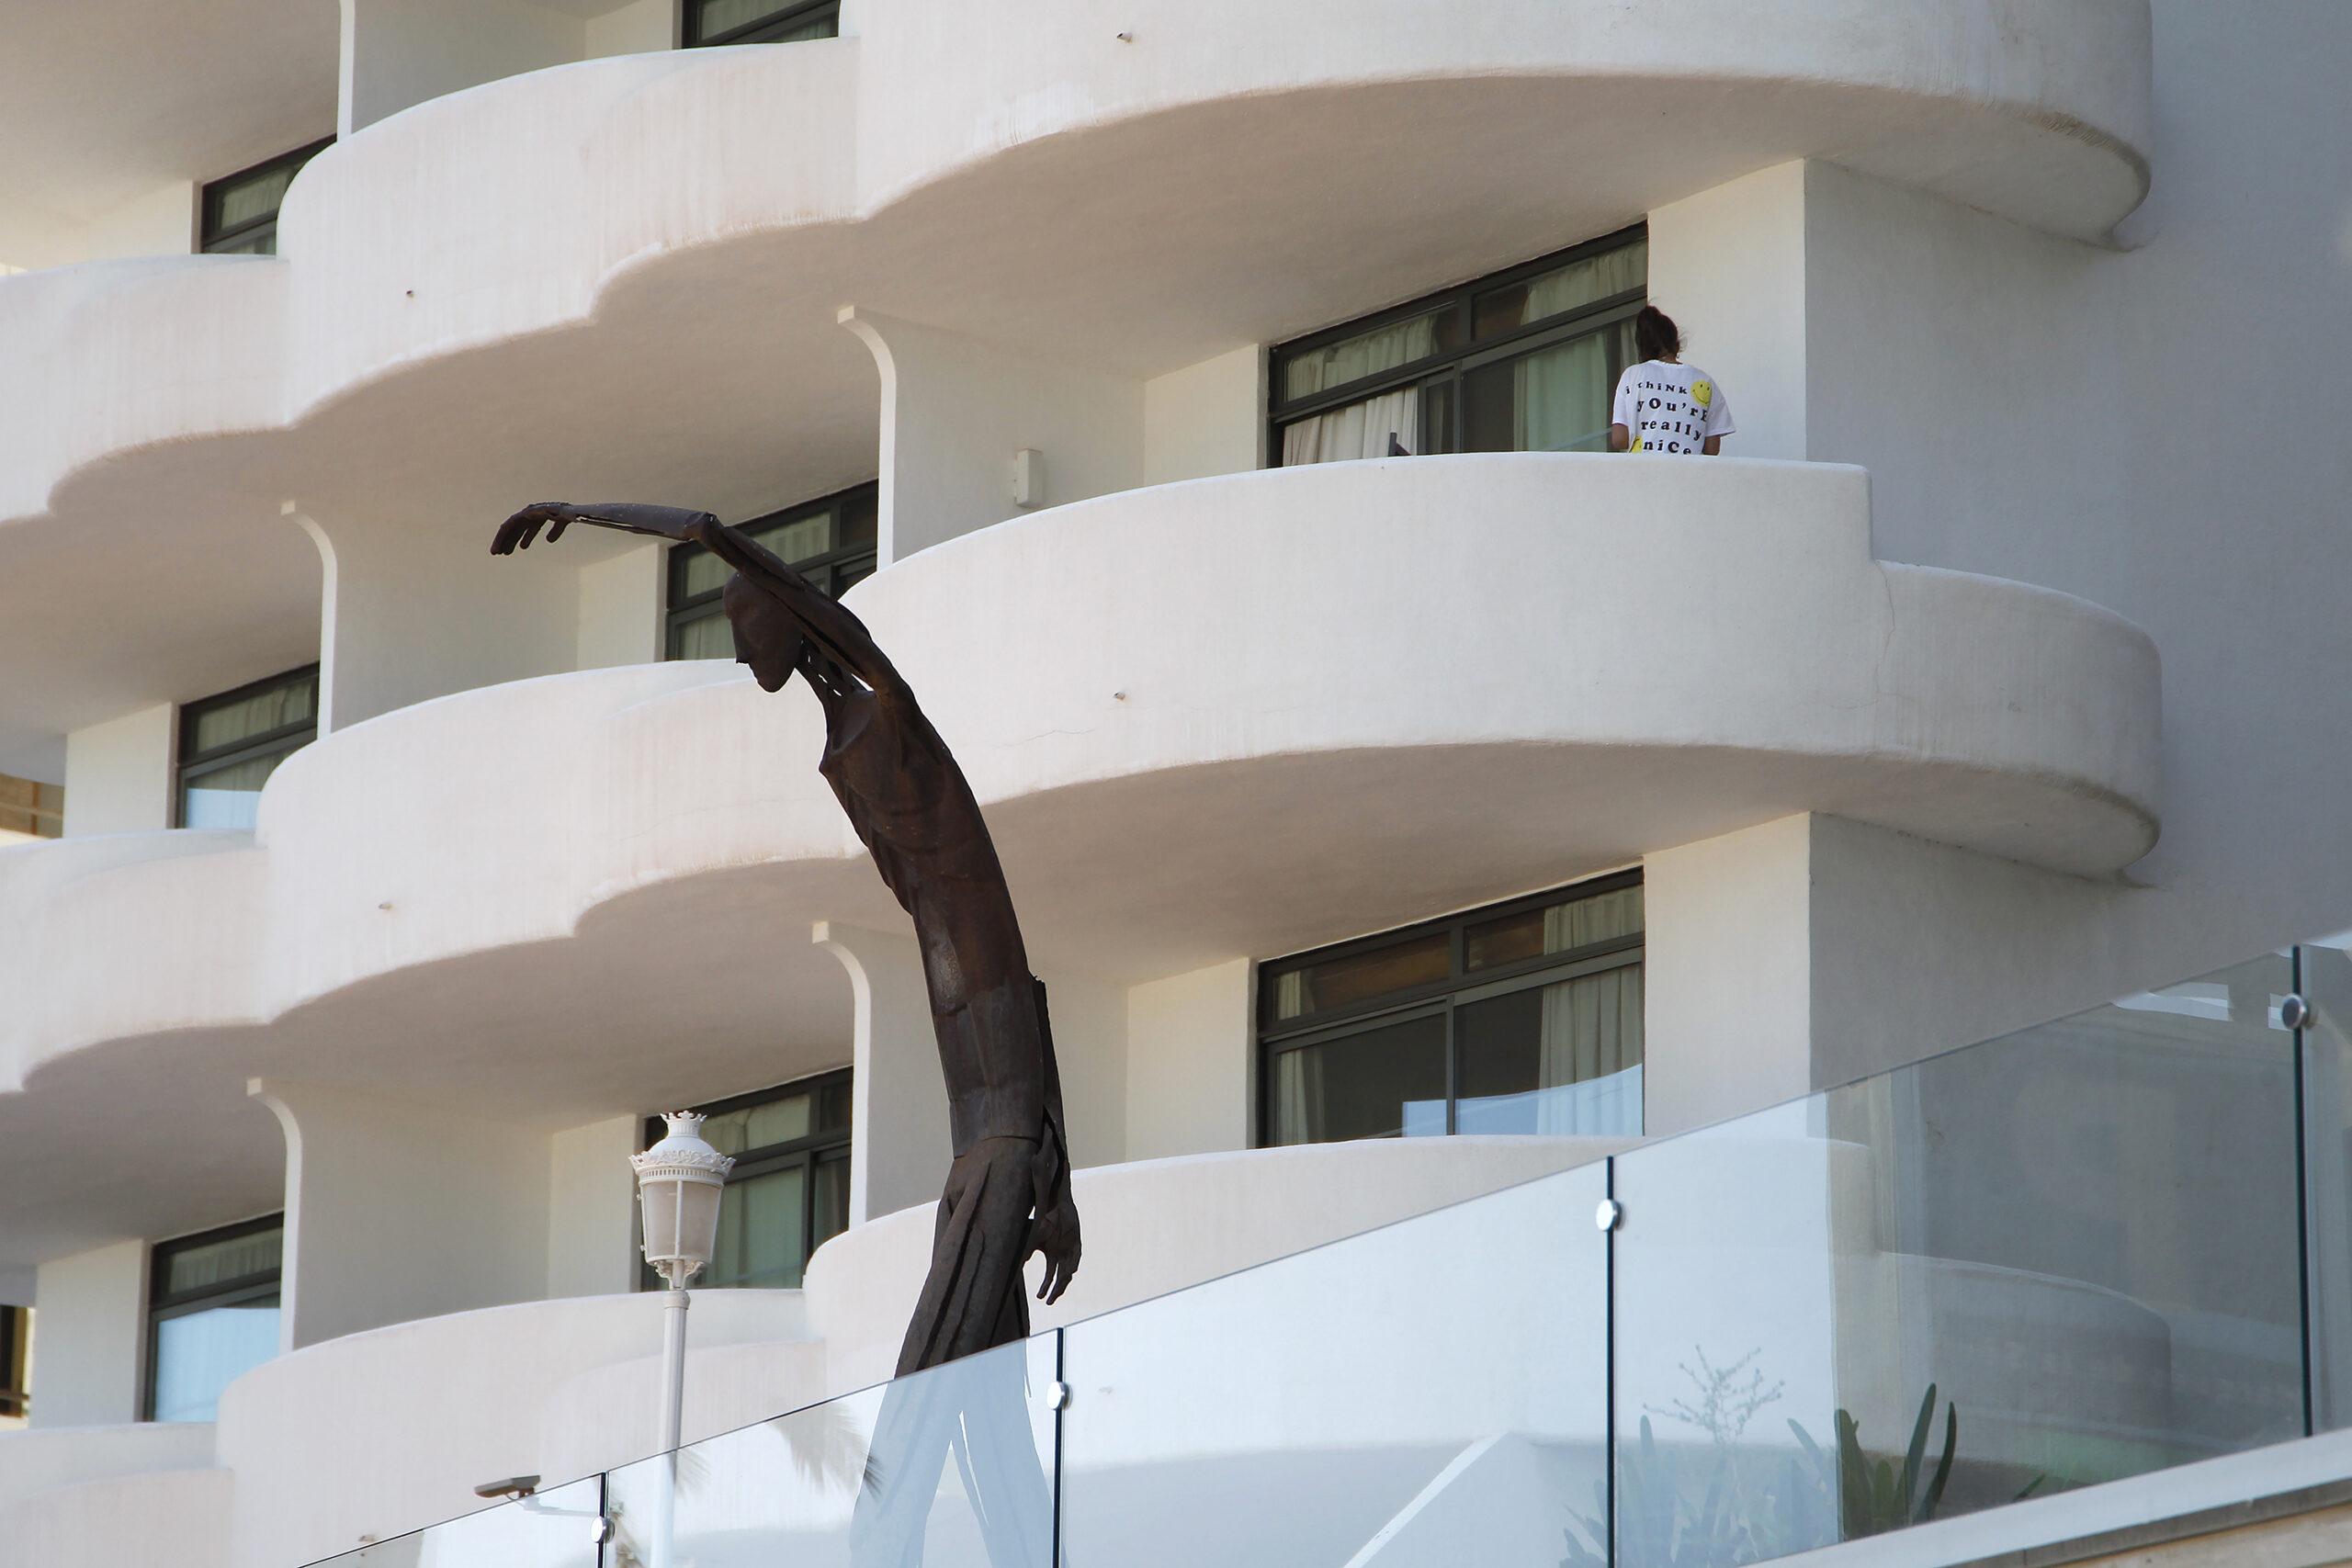 Un jove en un balcó de l'hotel Palma Bellver, on estaven confinats els 250 estudiants protagonistes d'un brot de Covid durant els seus viatges de fi de curs / EUROPA PRESS